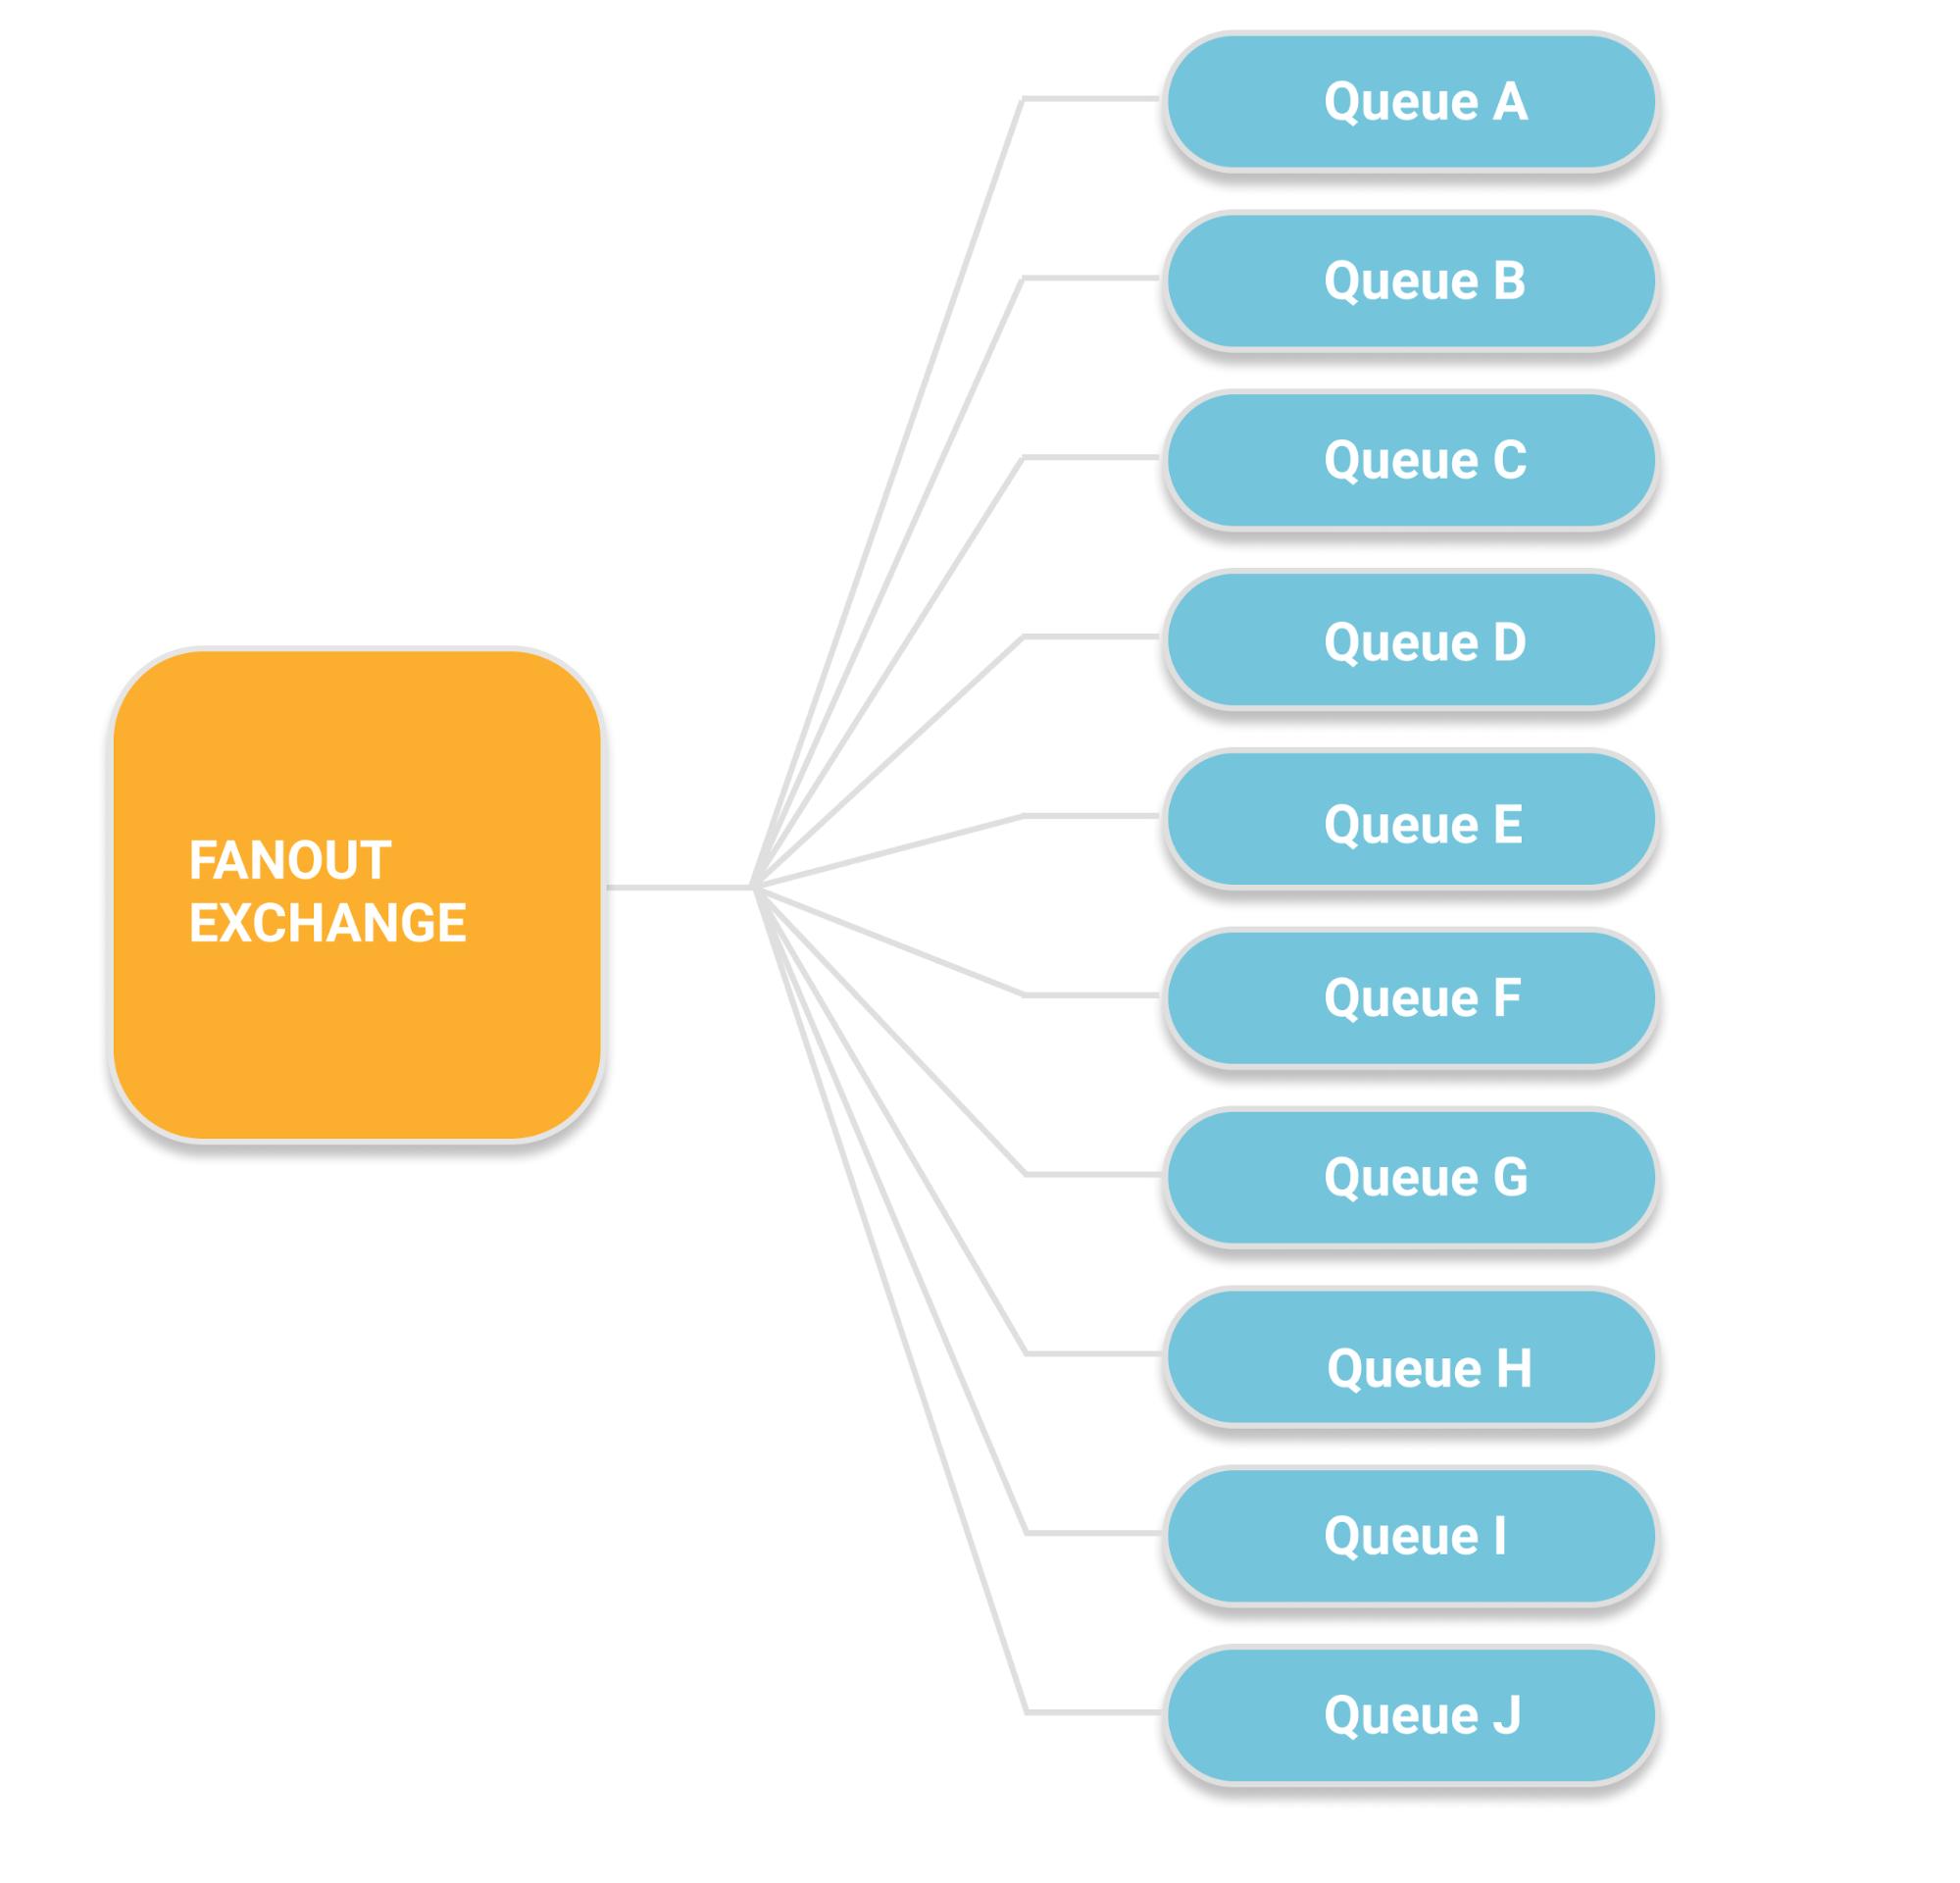 RabbitMQ 3 8 Feature Focus - Quorum Queues - CloudAMQP